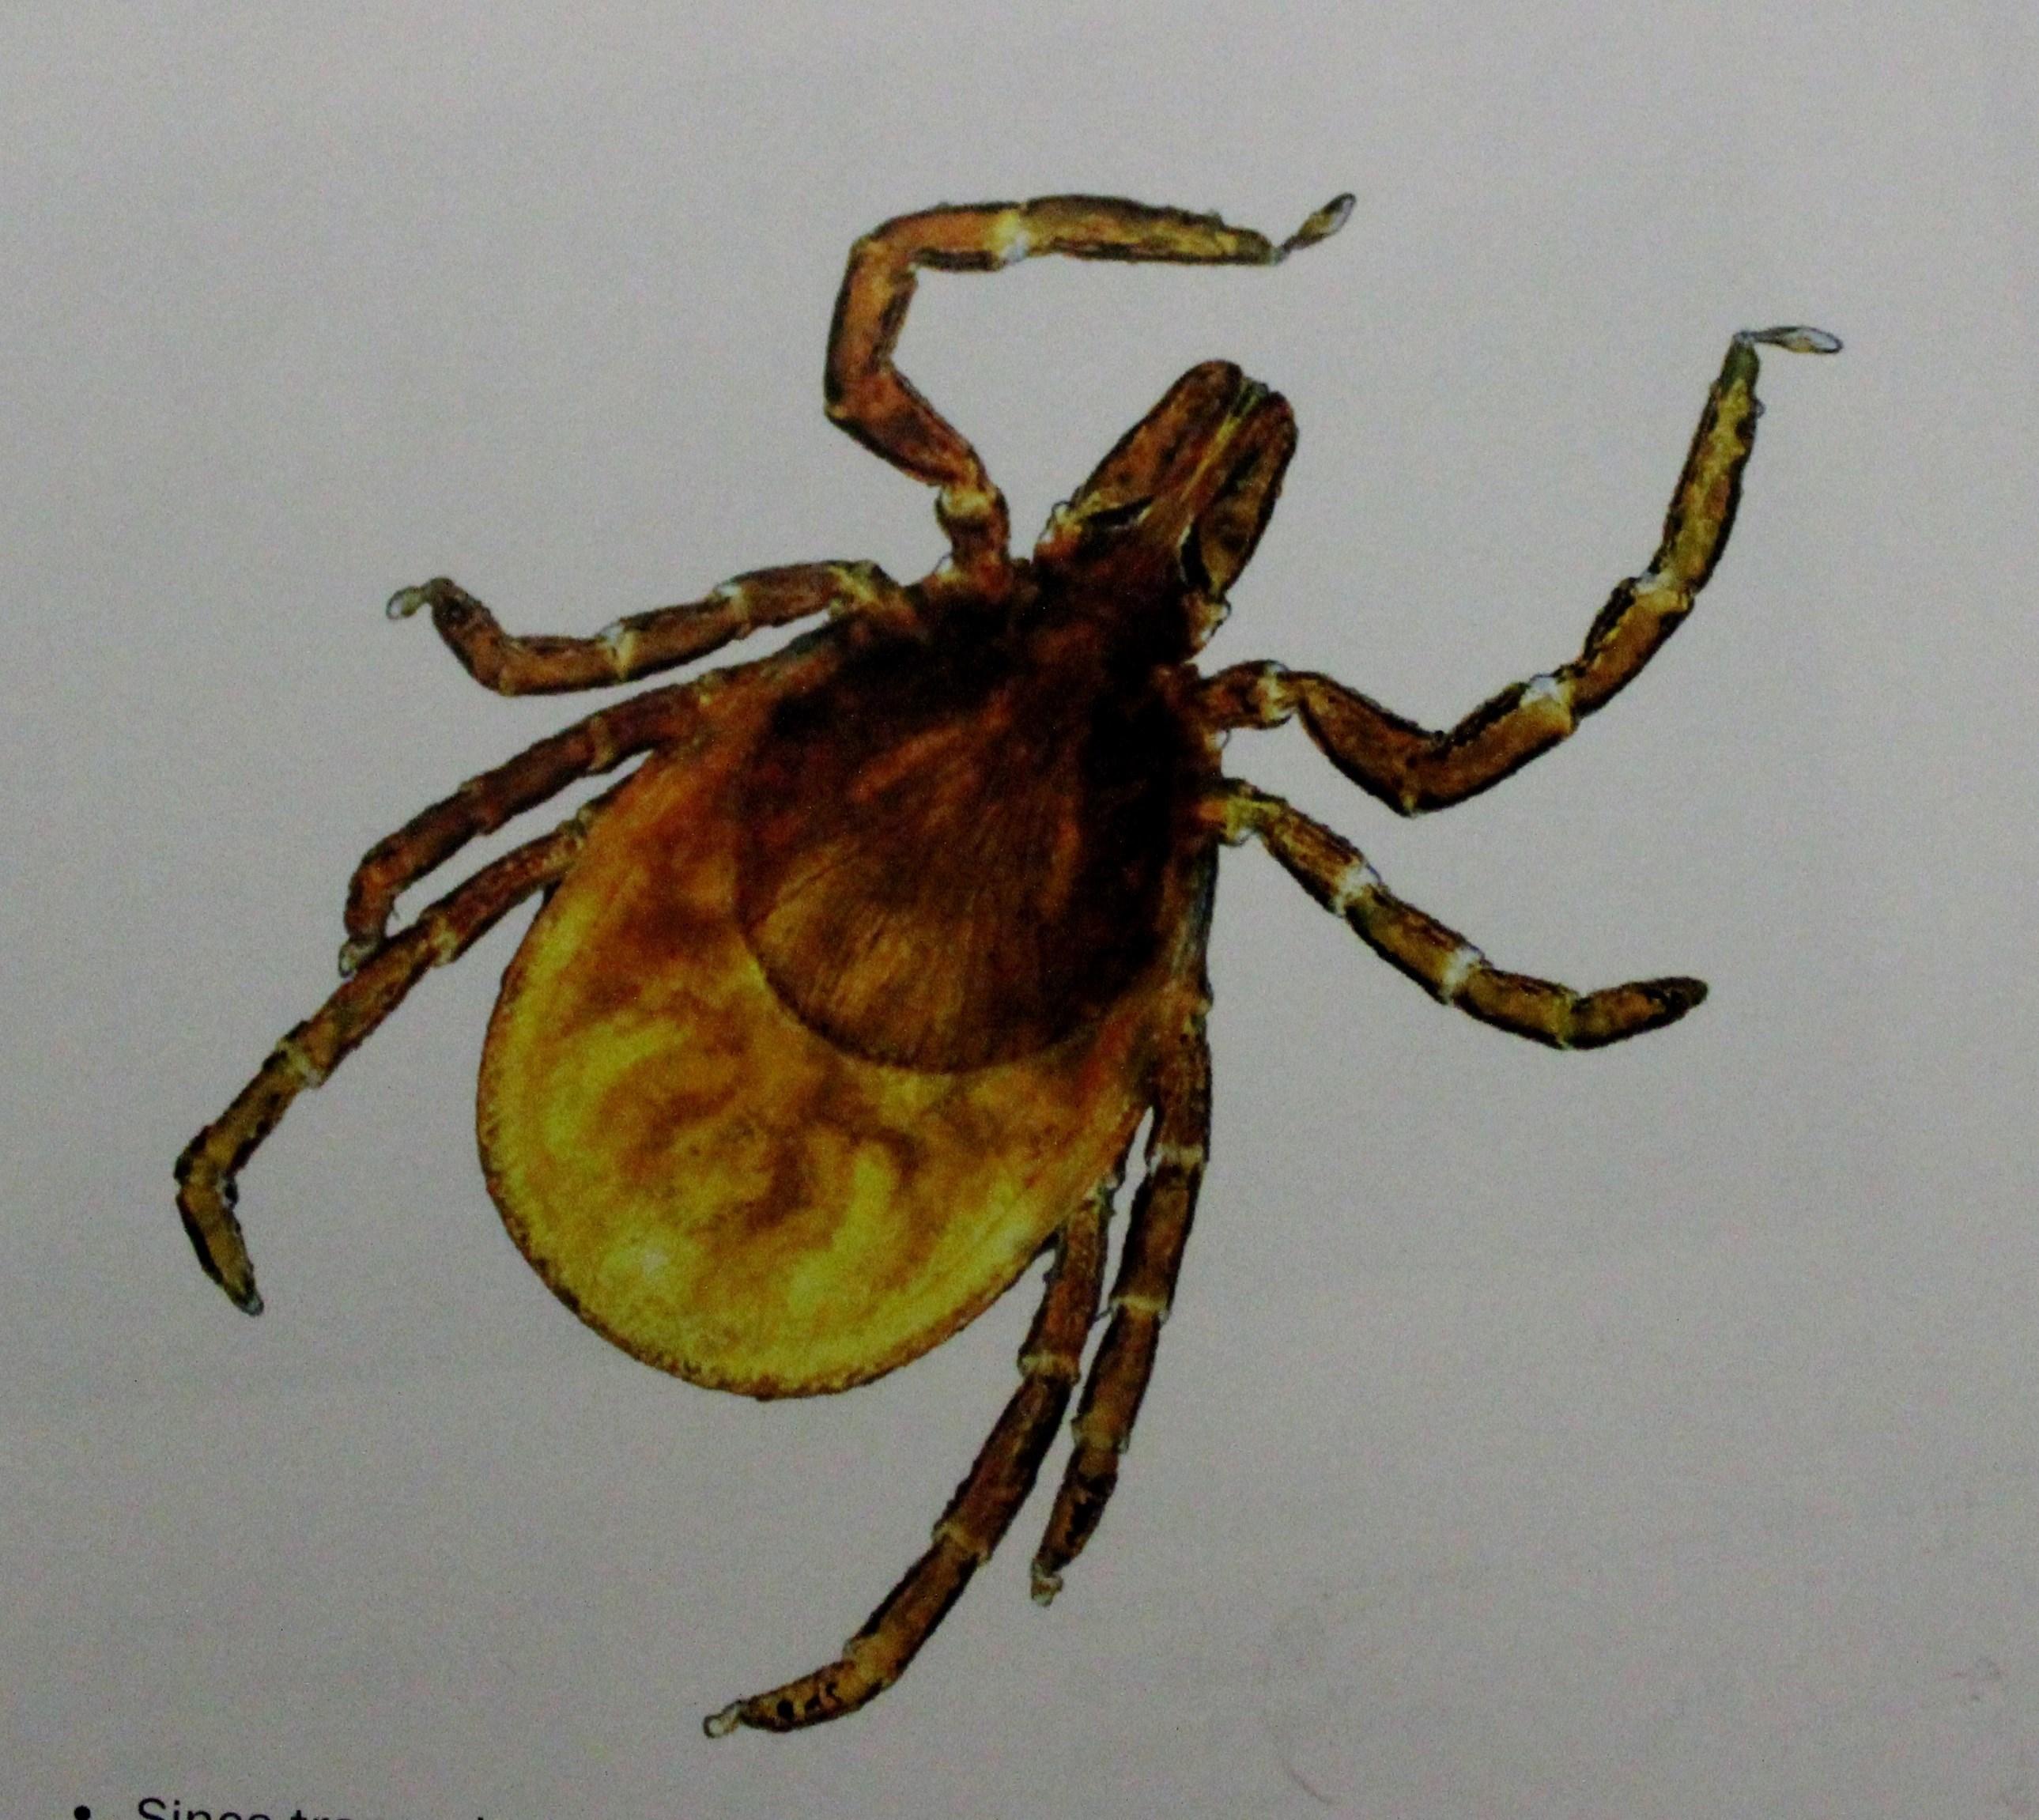 Preventing Lyme disease